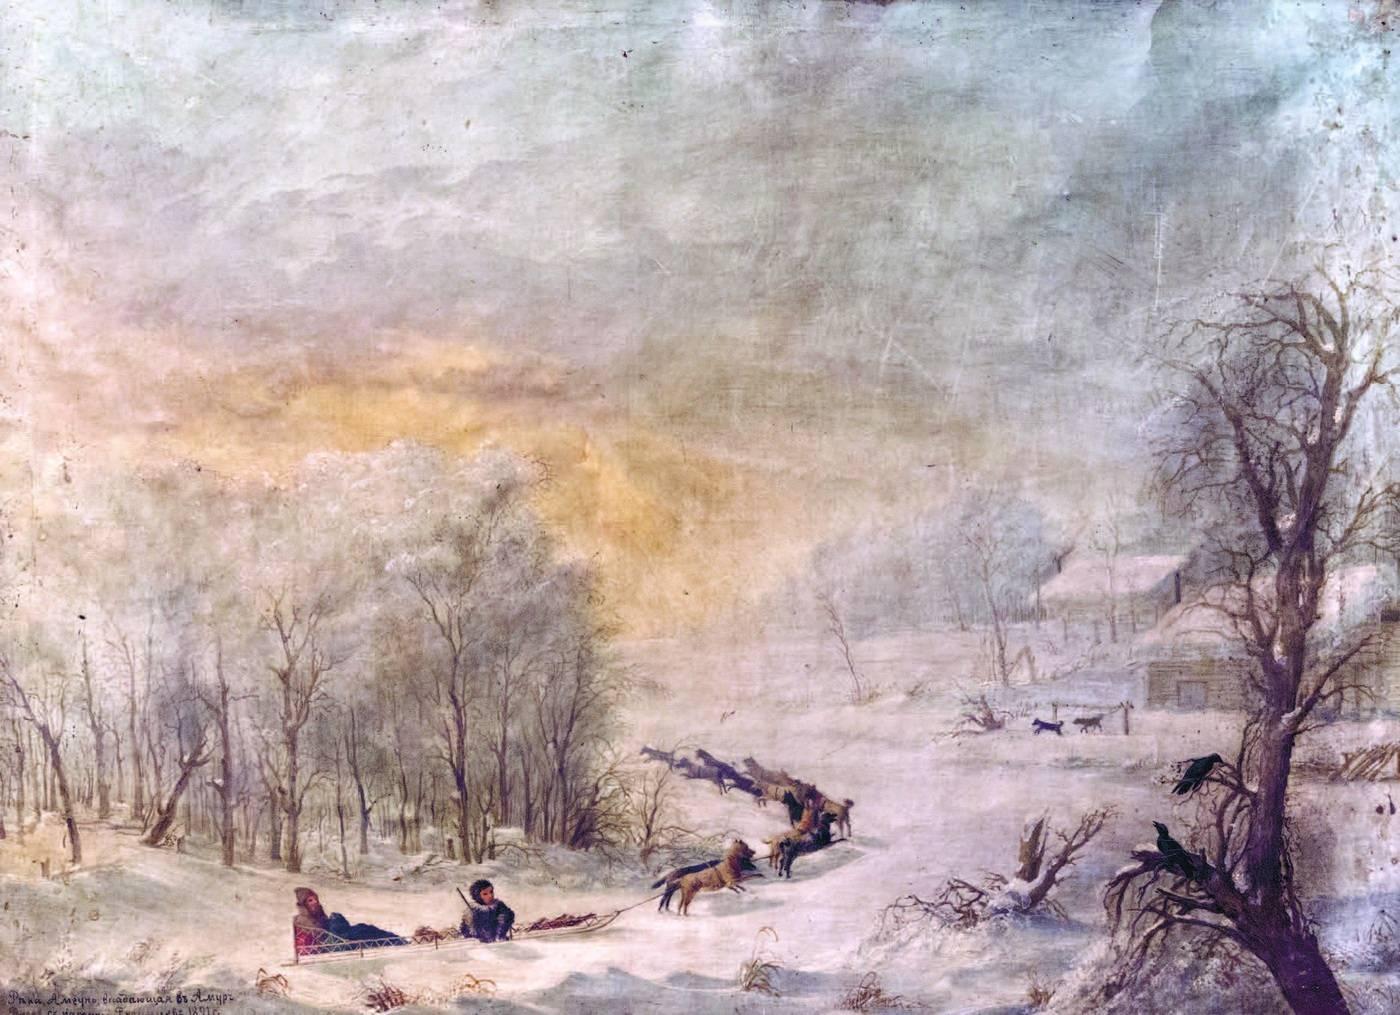 Прокопий Рязанцев. Река Амгунь, впадающая в Амур. 1891. Холст, масло